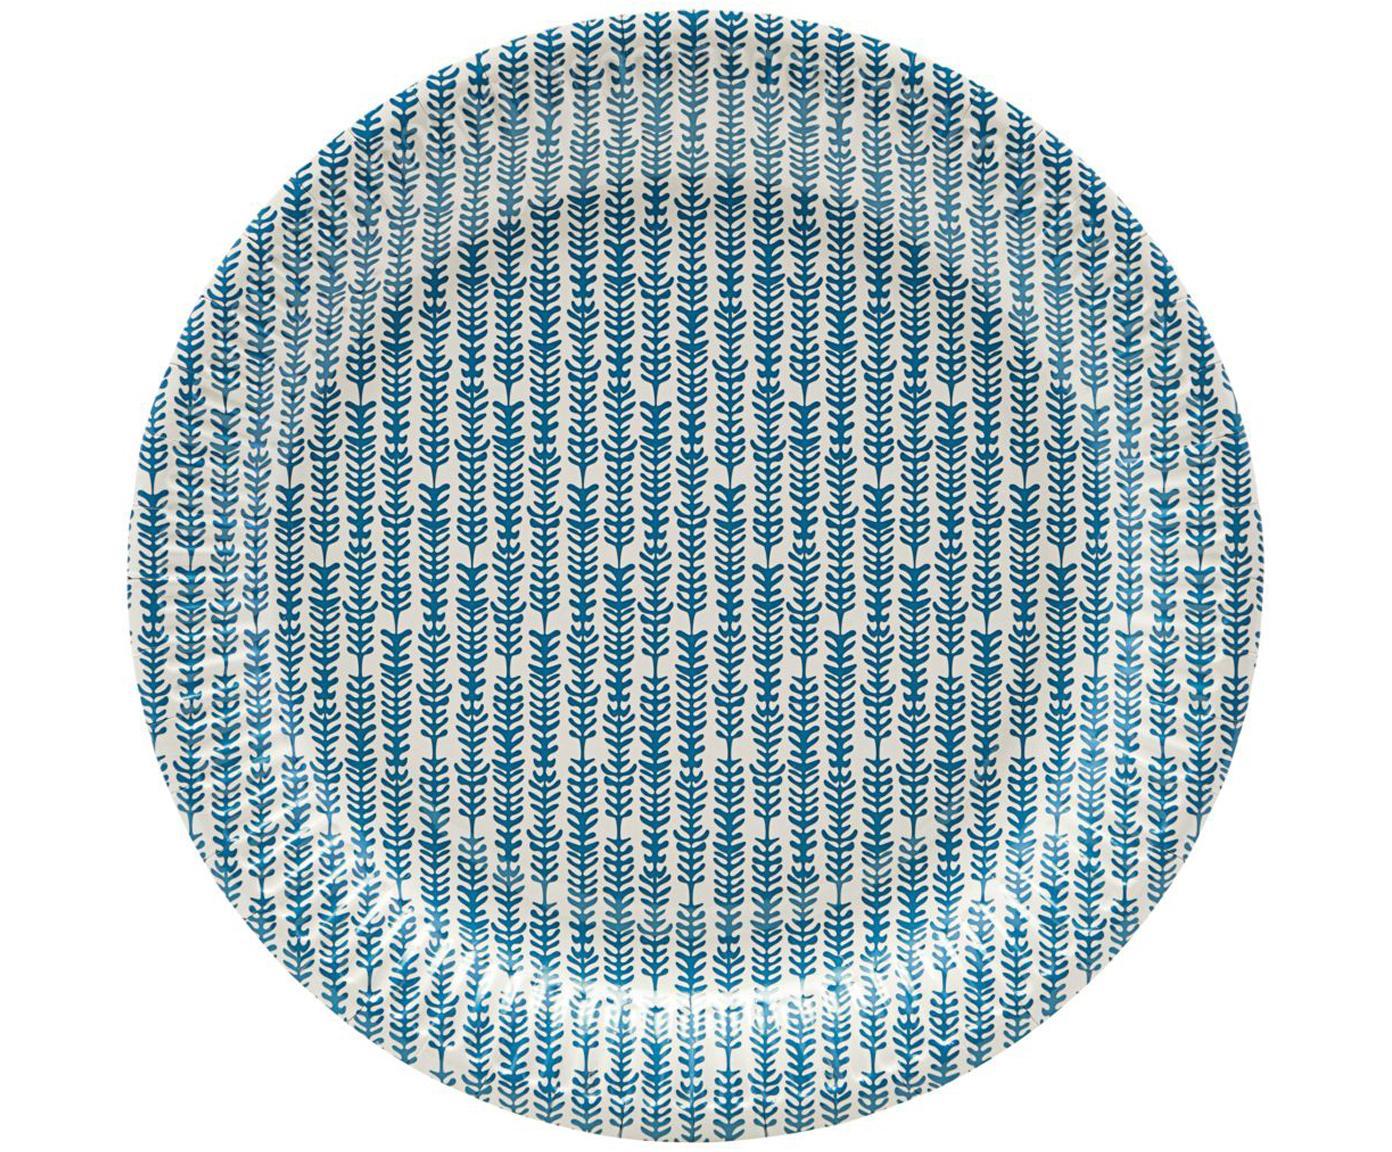 Platos de papel Branch, 12uds., Papel, Azul, blanco, Ø 23 x Al 1 cm